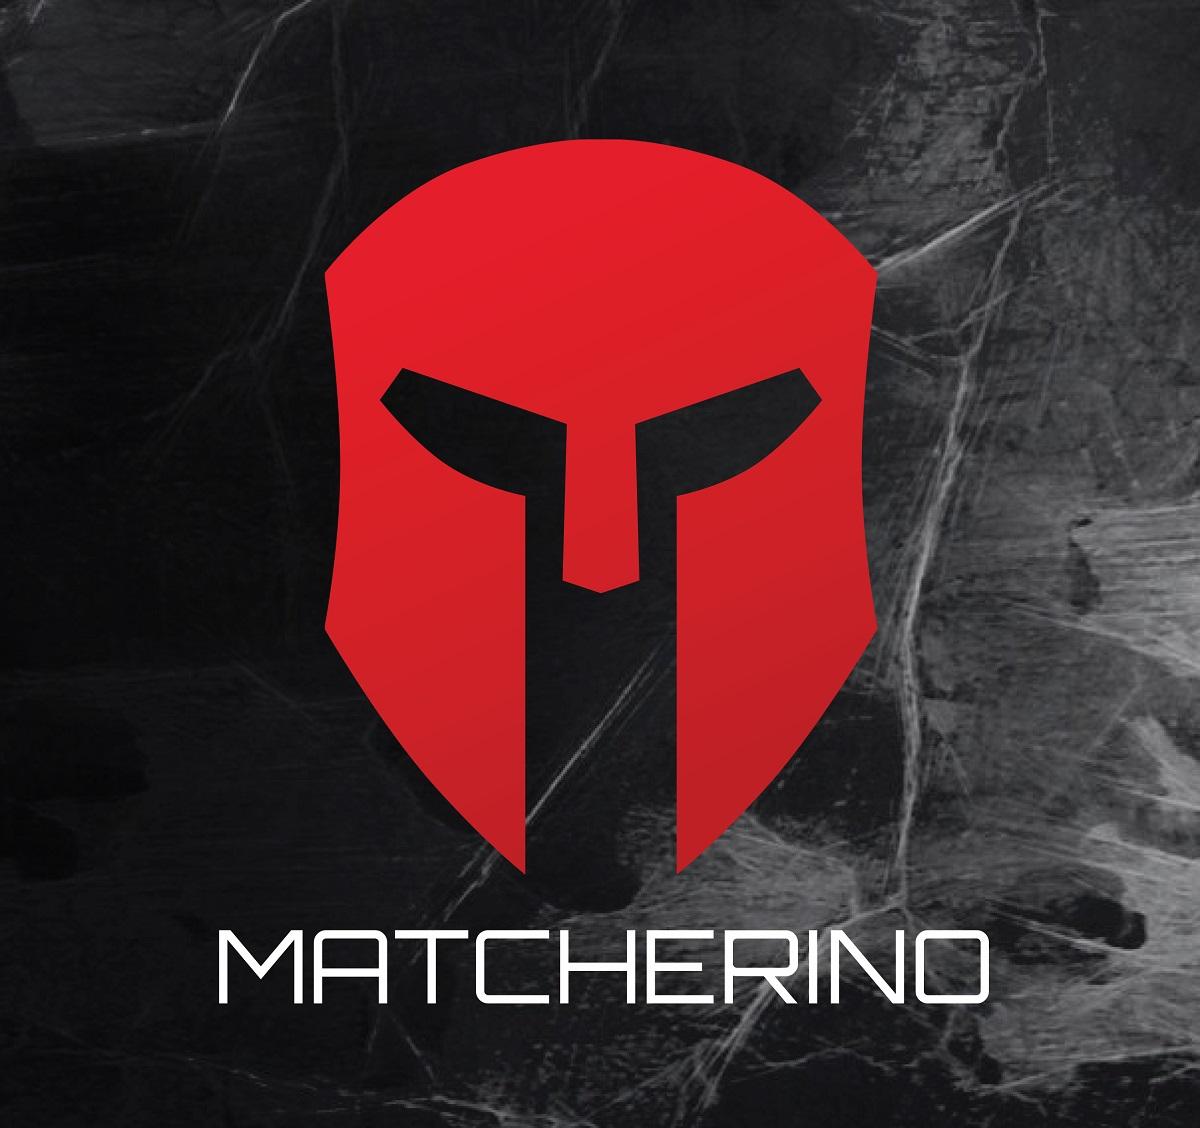 Matcherino Raises $1.5M (Photo: Matcherino)